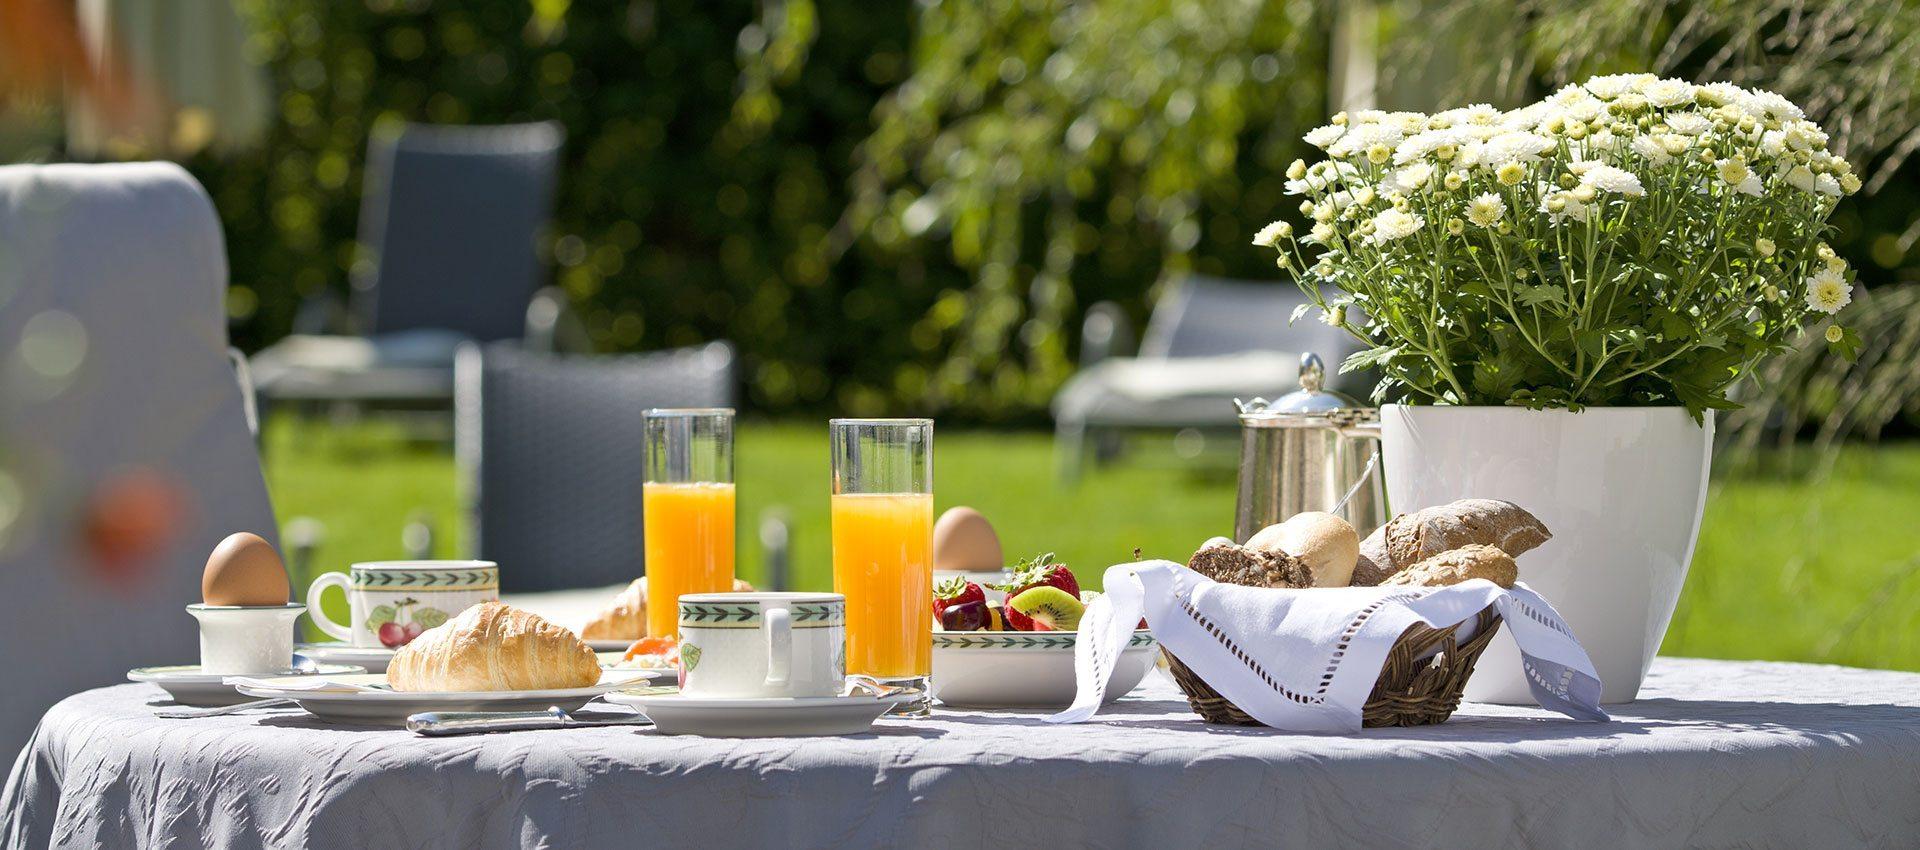 Buchungsinformationen im Alpenhotel Montafon, 4 Sterne Superior Hotel in Schruns